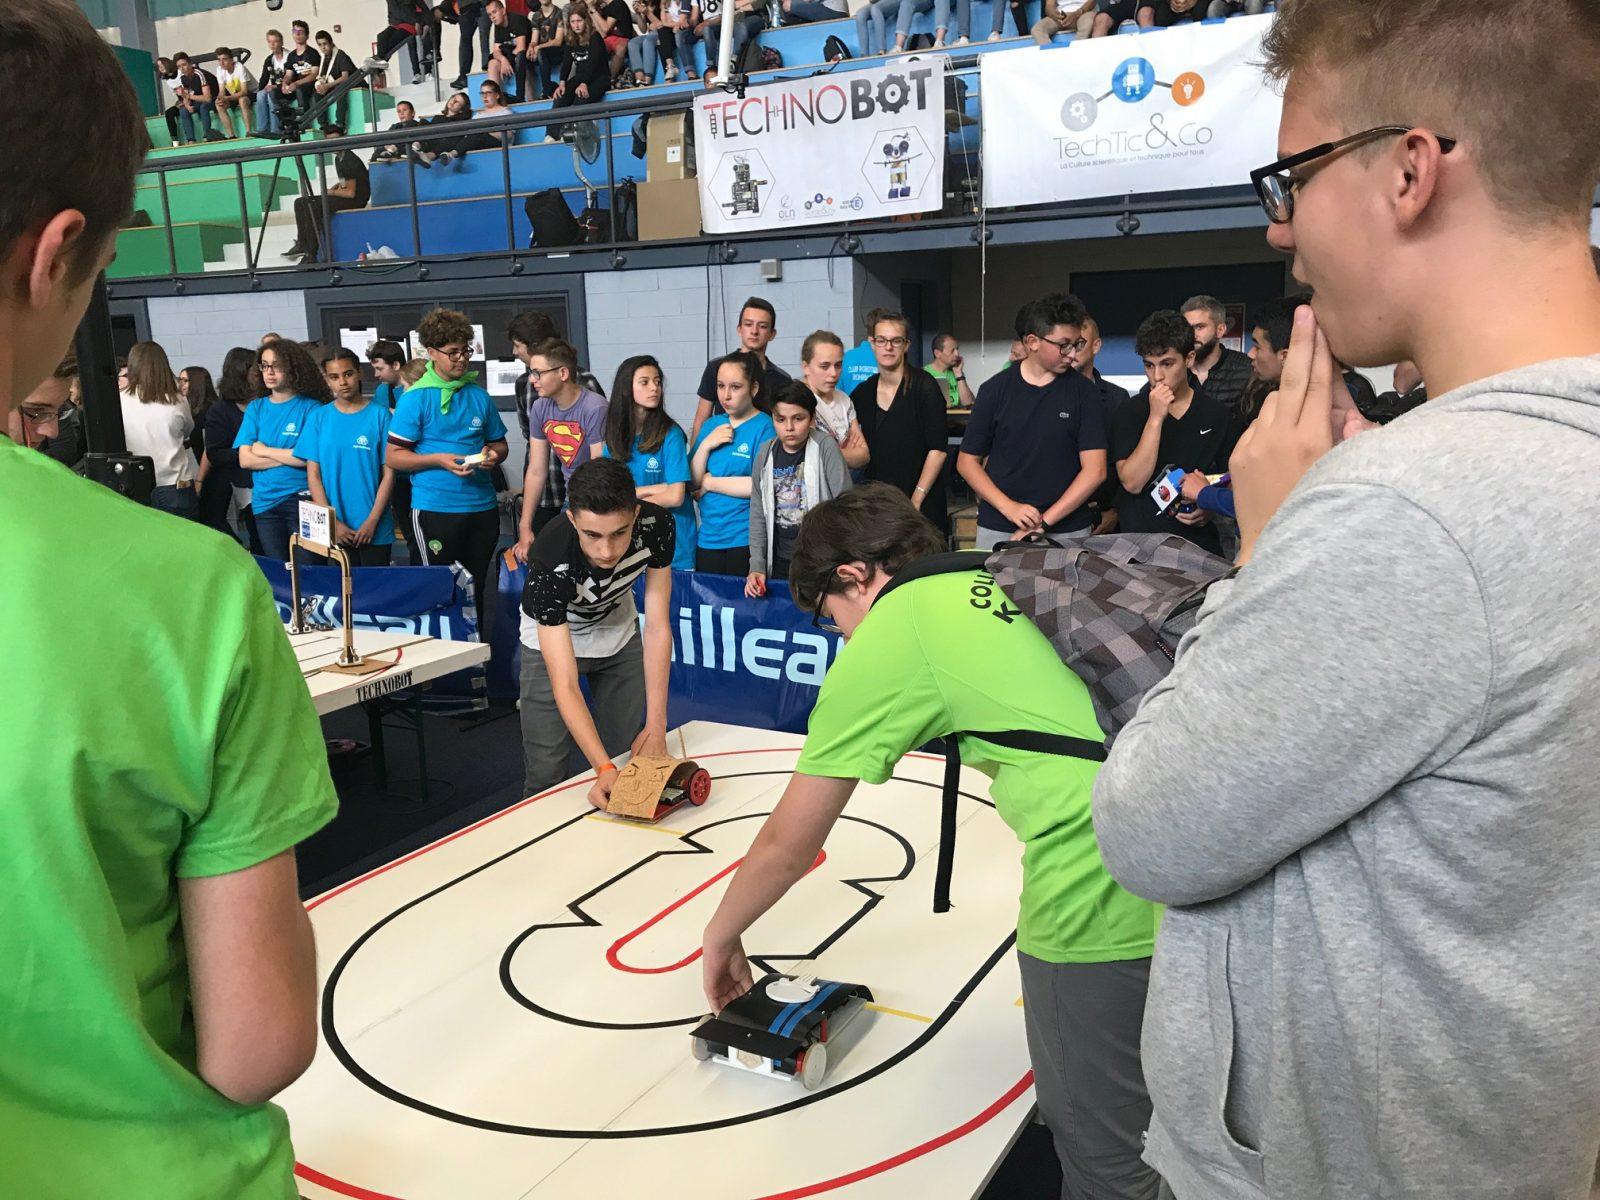 babf3588f0d Technobot 2018   7ème édition du concours de robots pour les jeunes